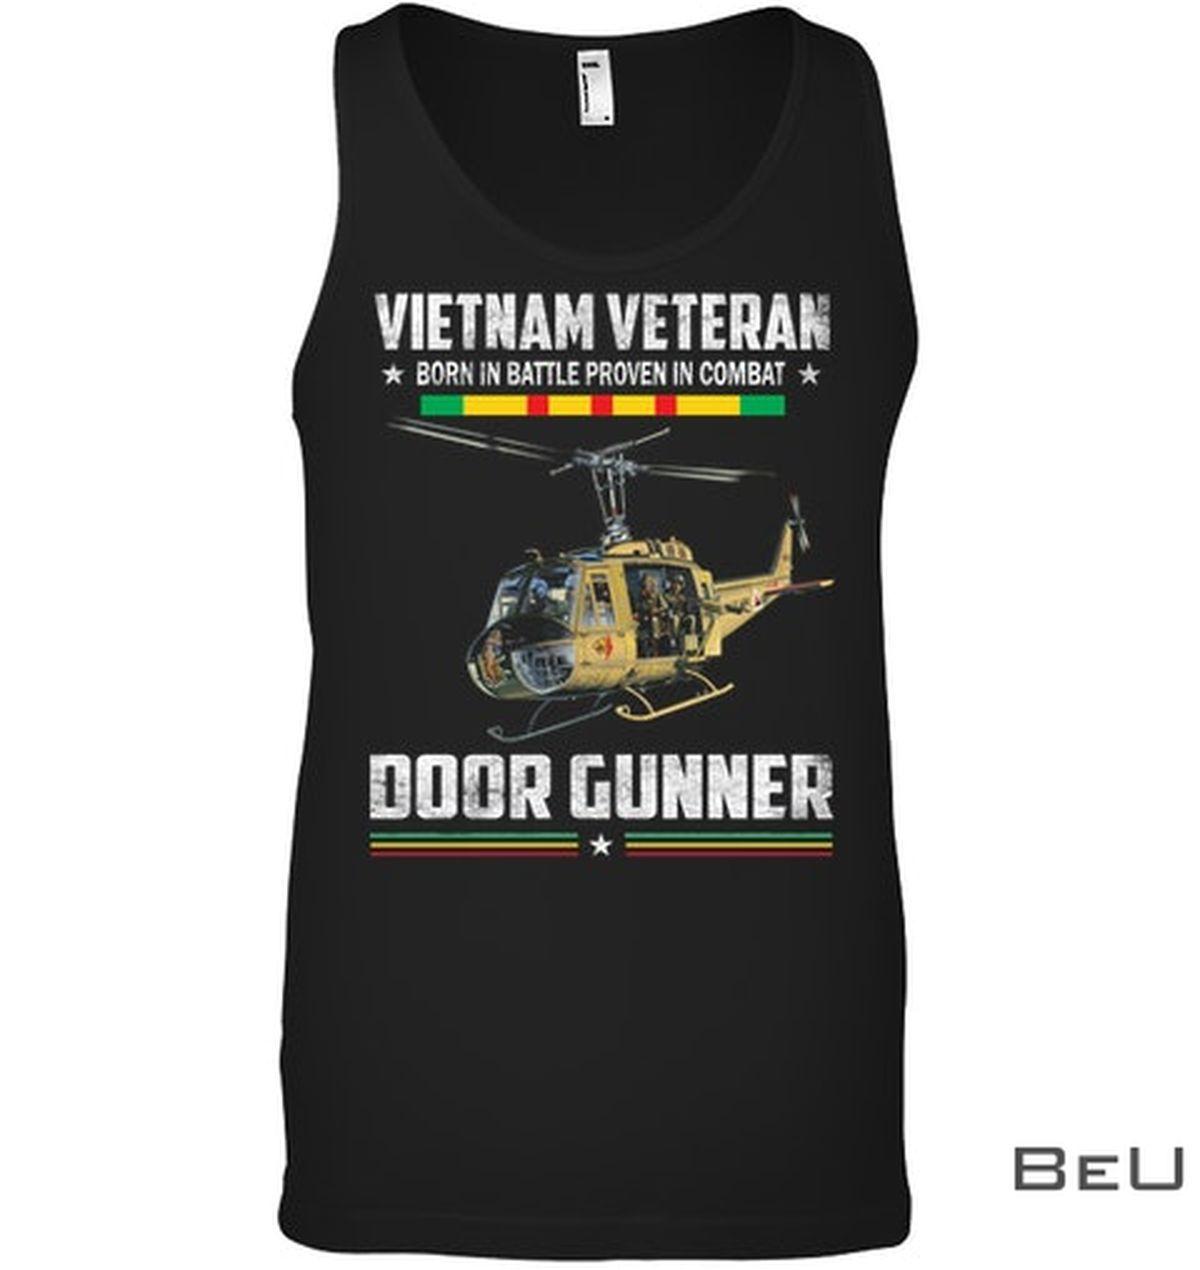 Vietnam Veteran Born In Battle Proven In Combat Door Gunner Shirtx